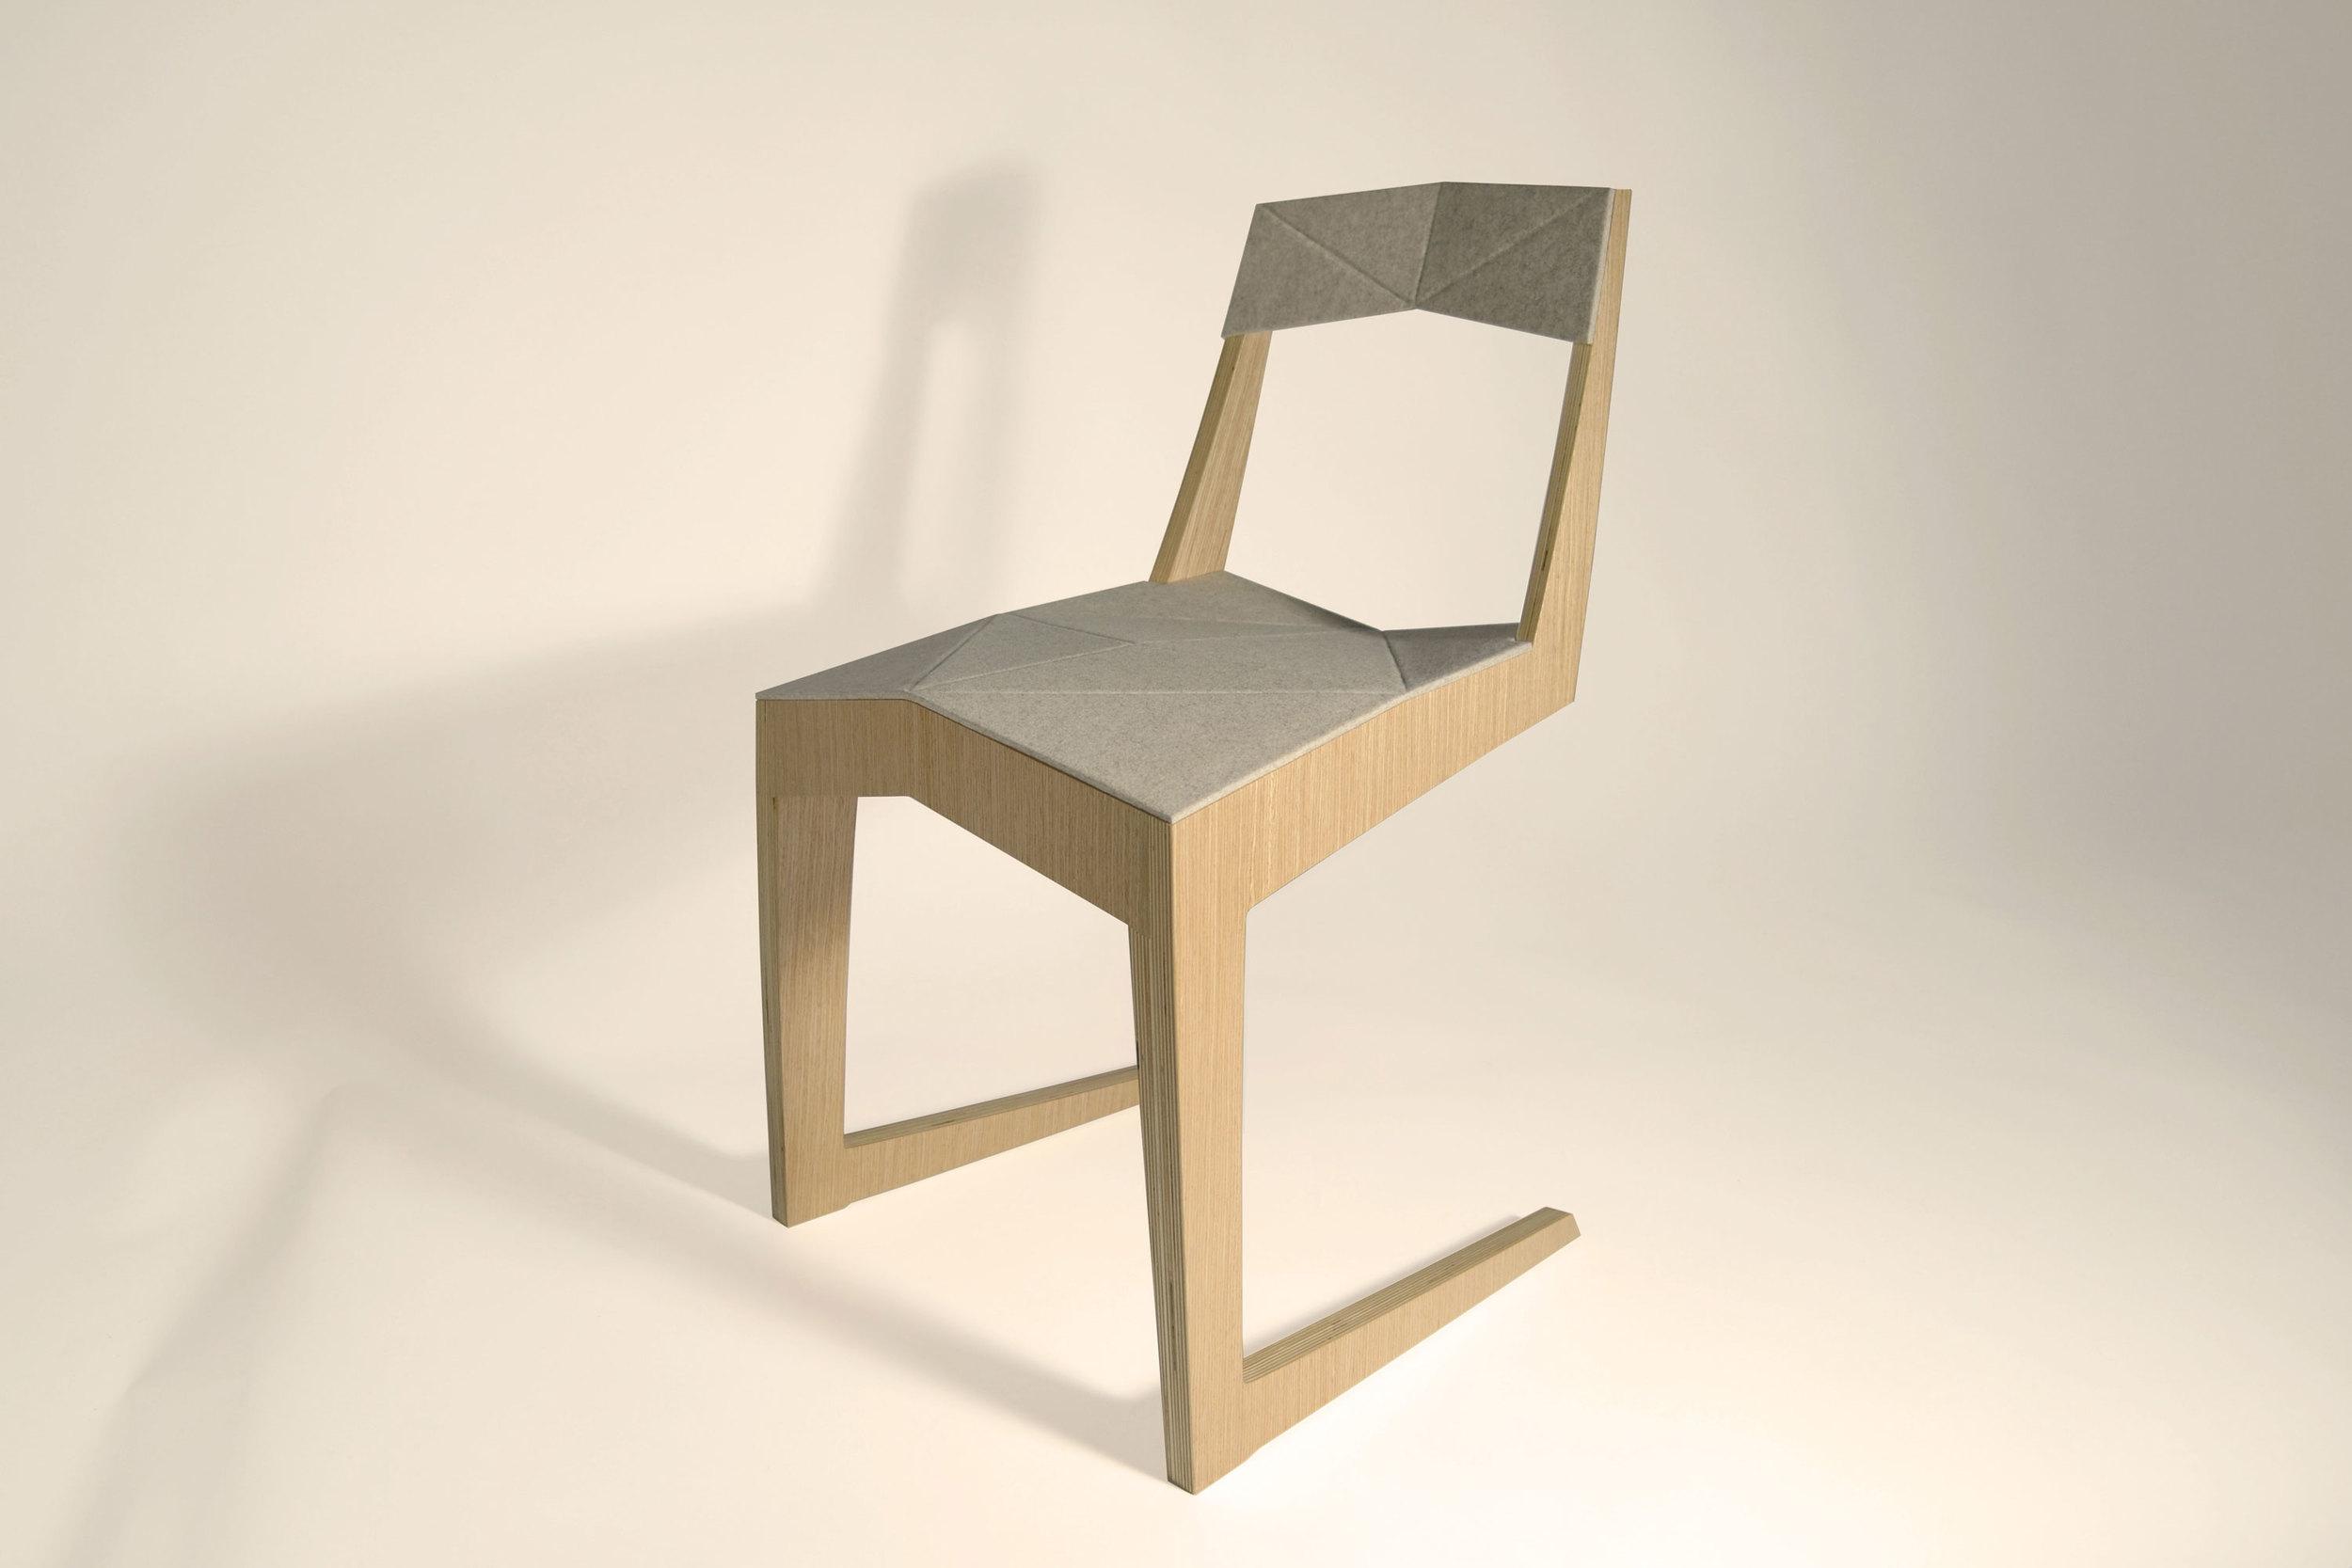 SD_chair-main.jpg